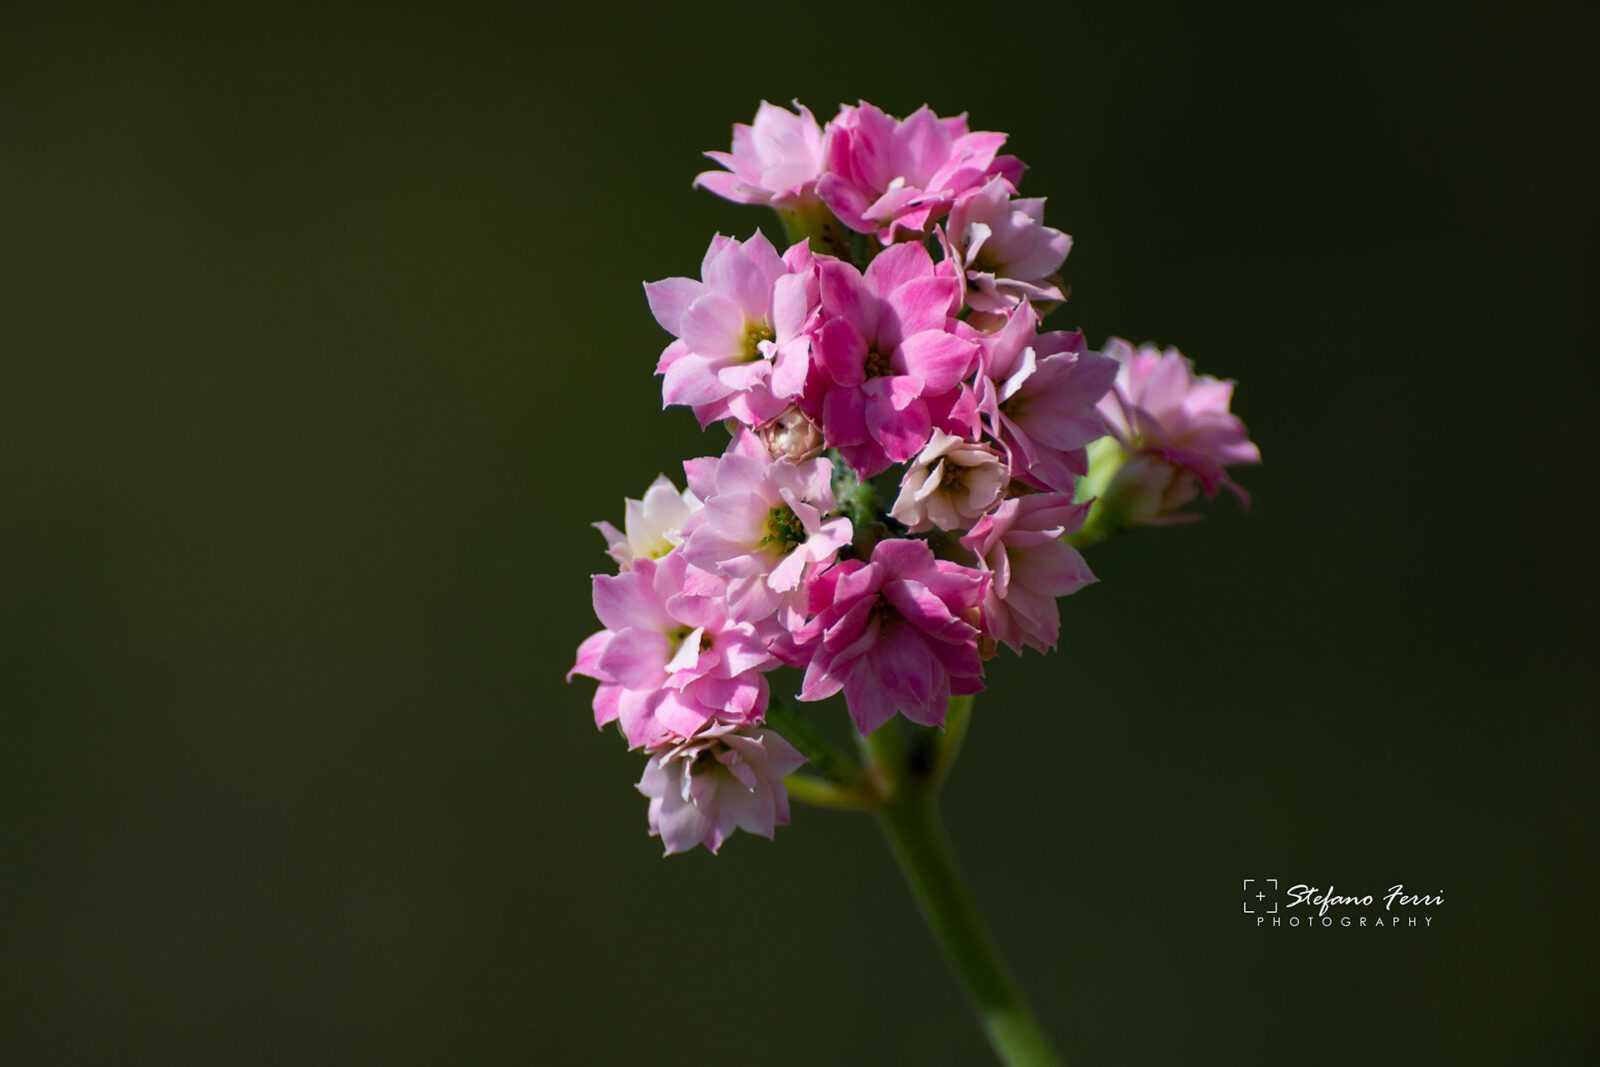 Fiori rosa di pianta grassa